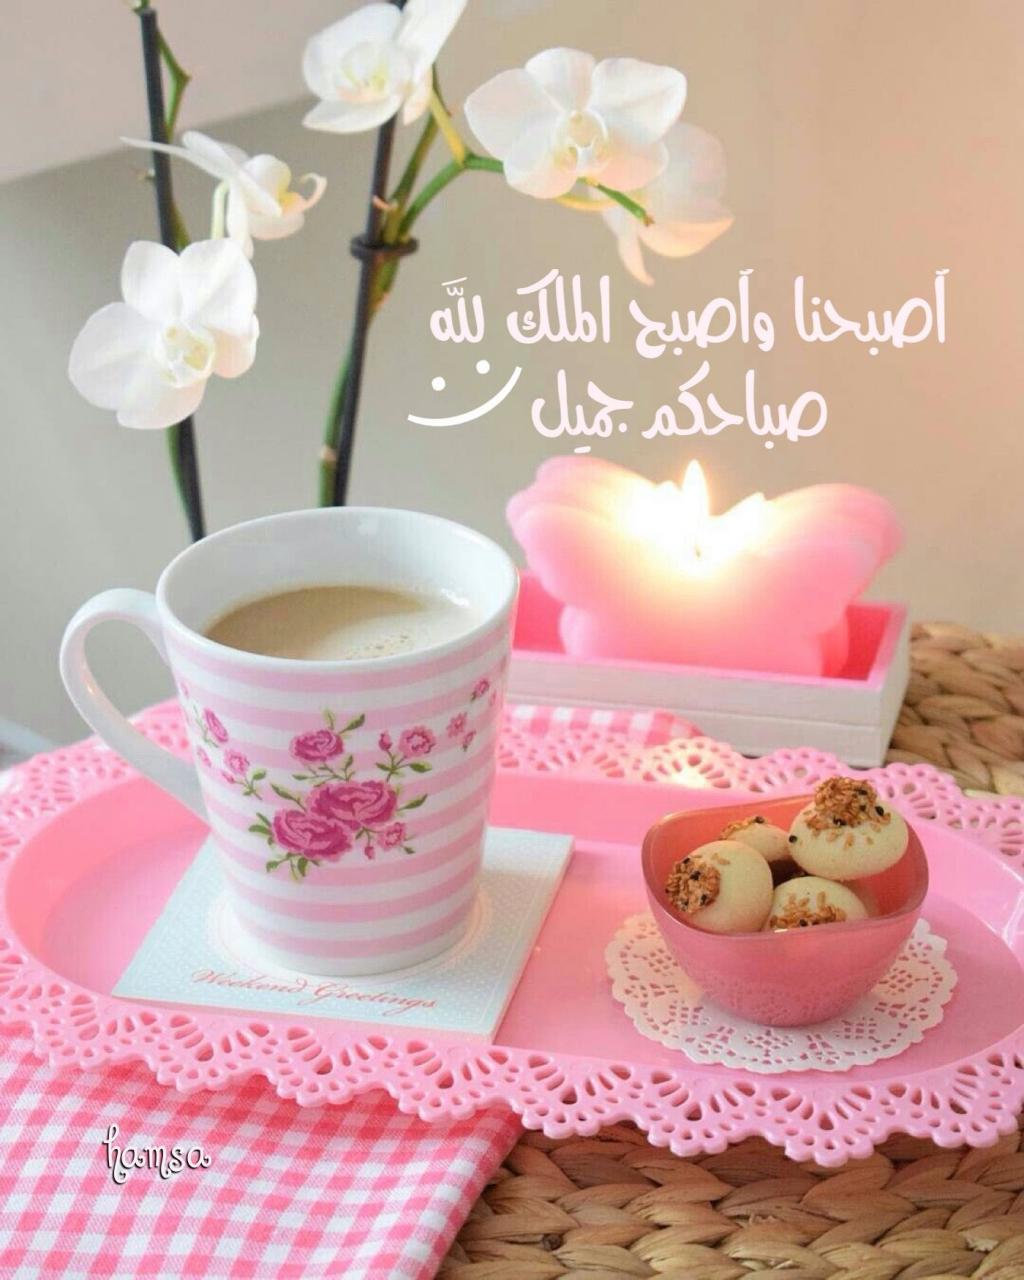 صورة صوري صباح الخير , تحيات صباحية مكتوبة علي اجمل صور 2216 5